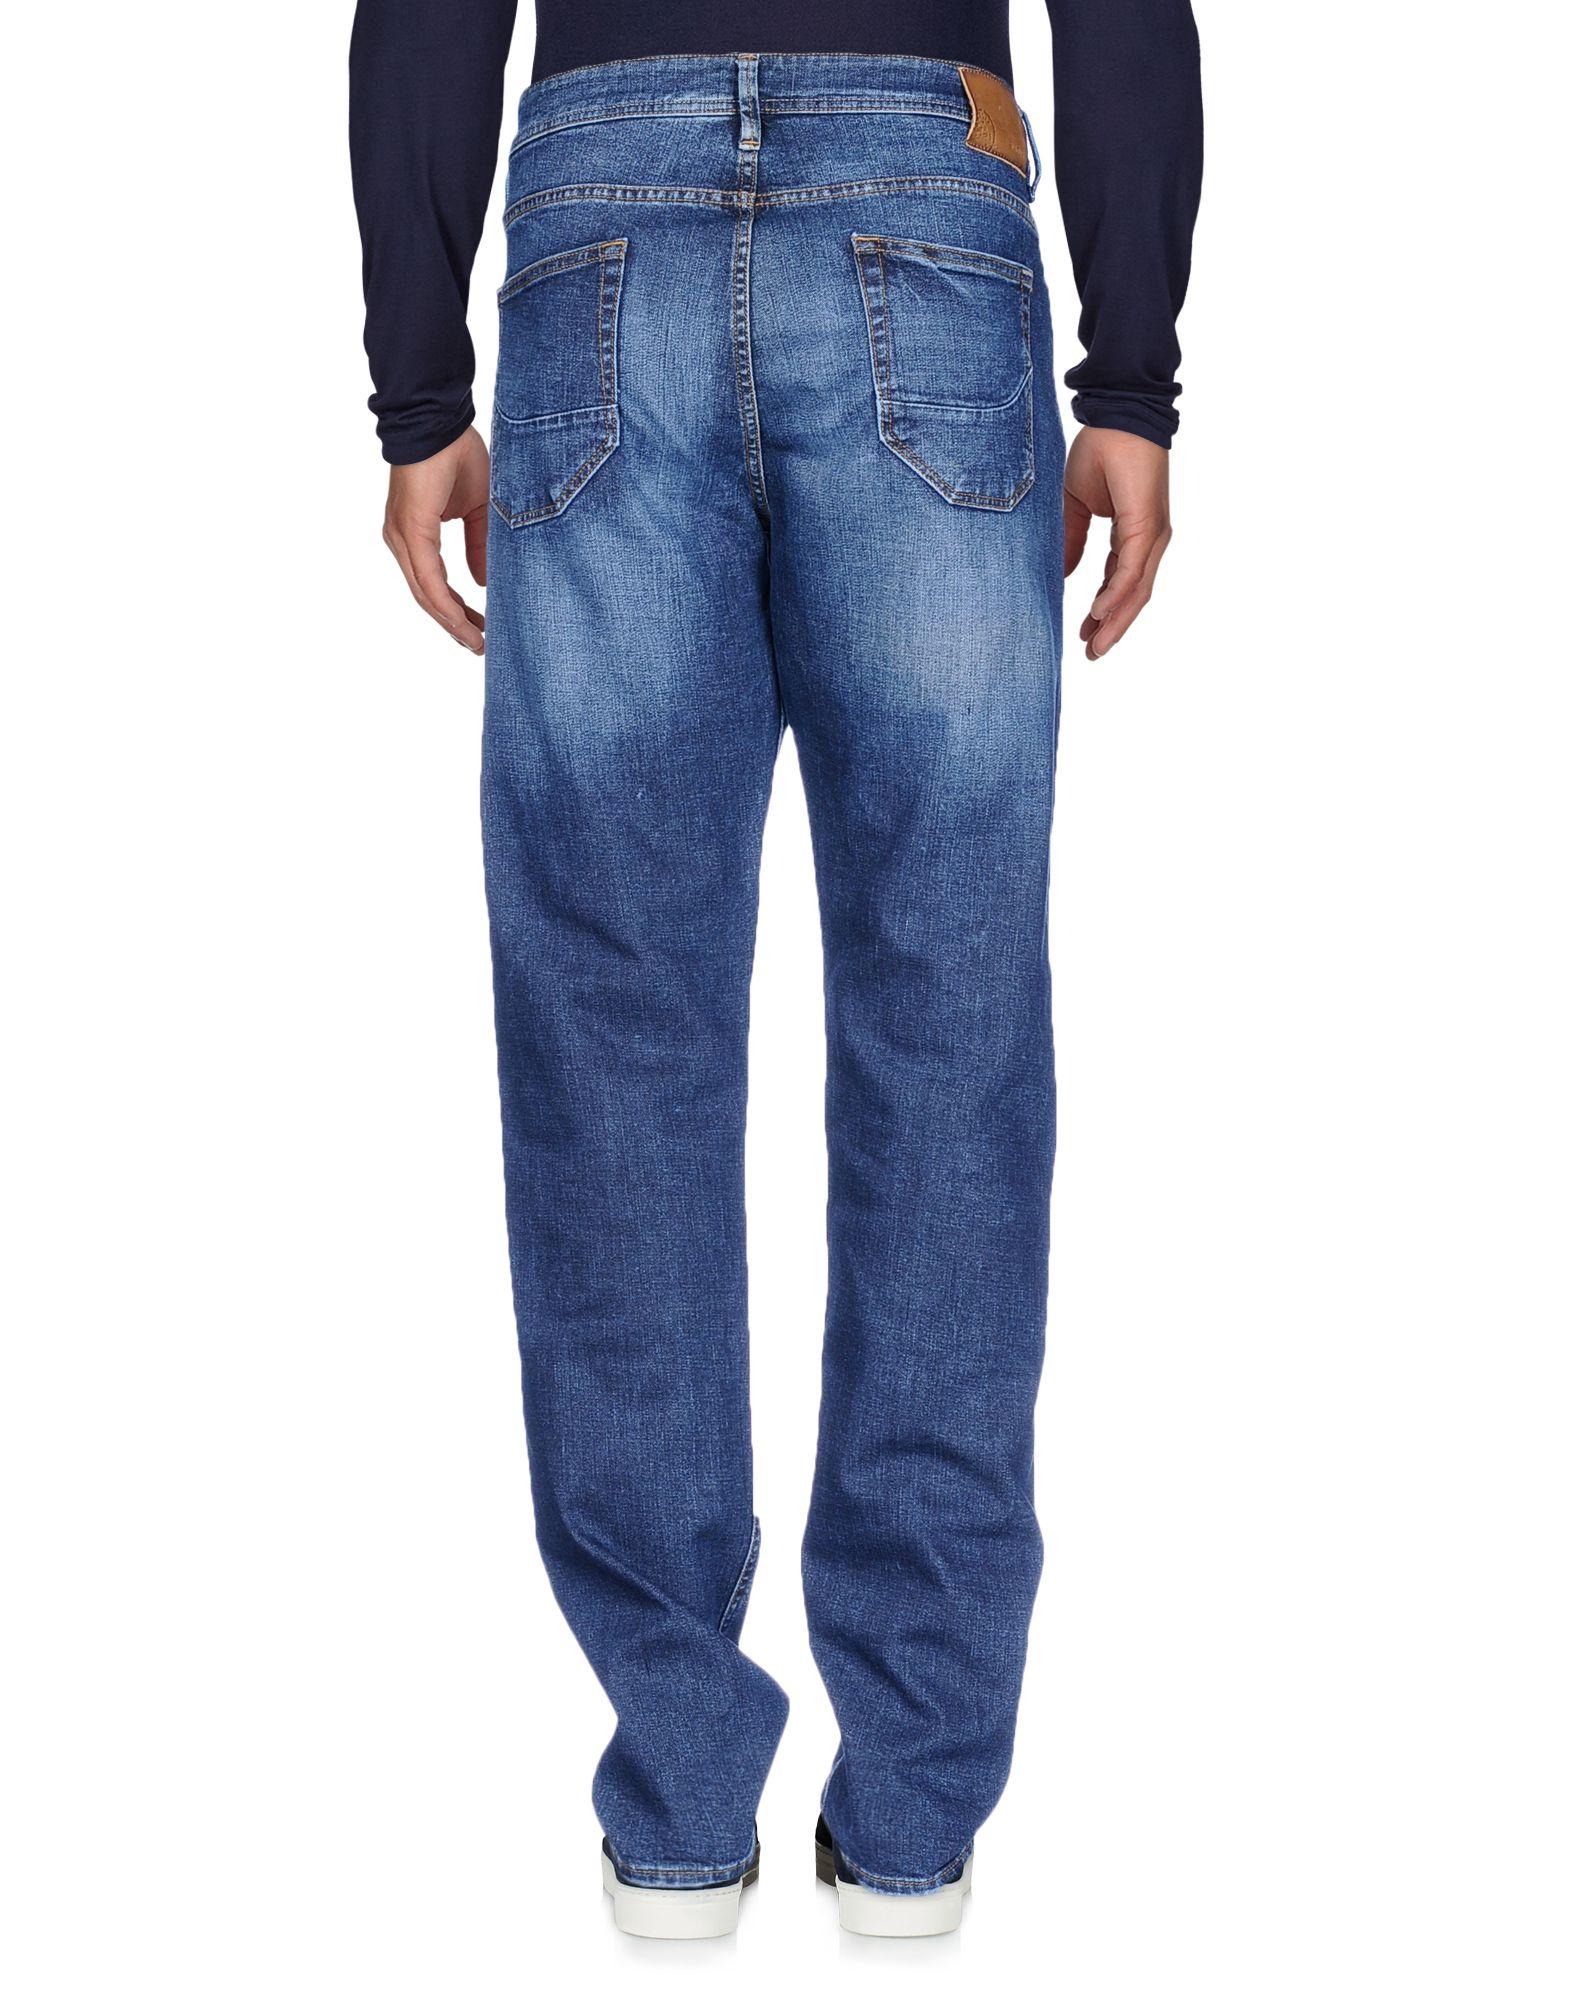 Pantaloni Jeans Jeans Pantaloni Siviglia Uomo - 42680561IV 2790fb